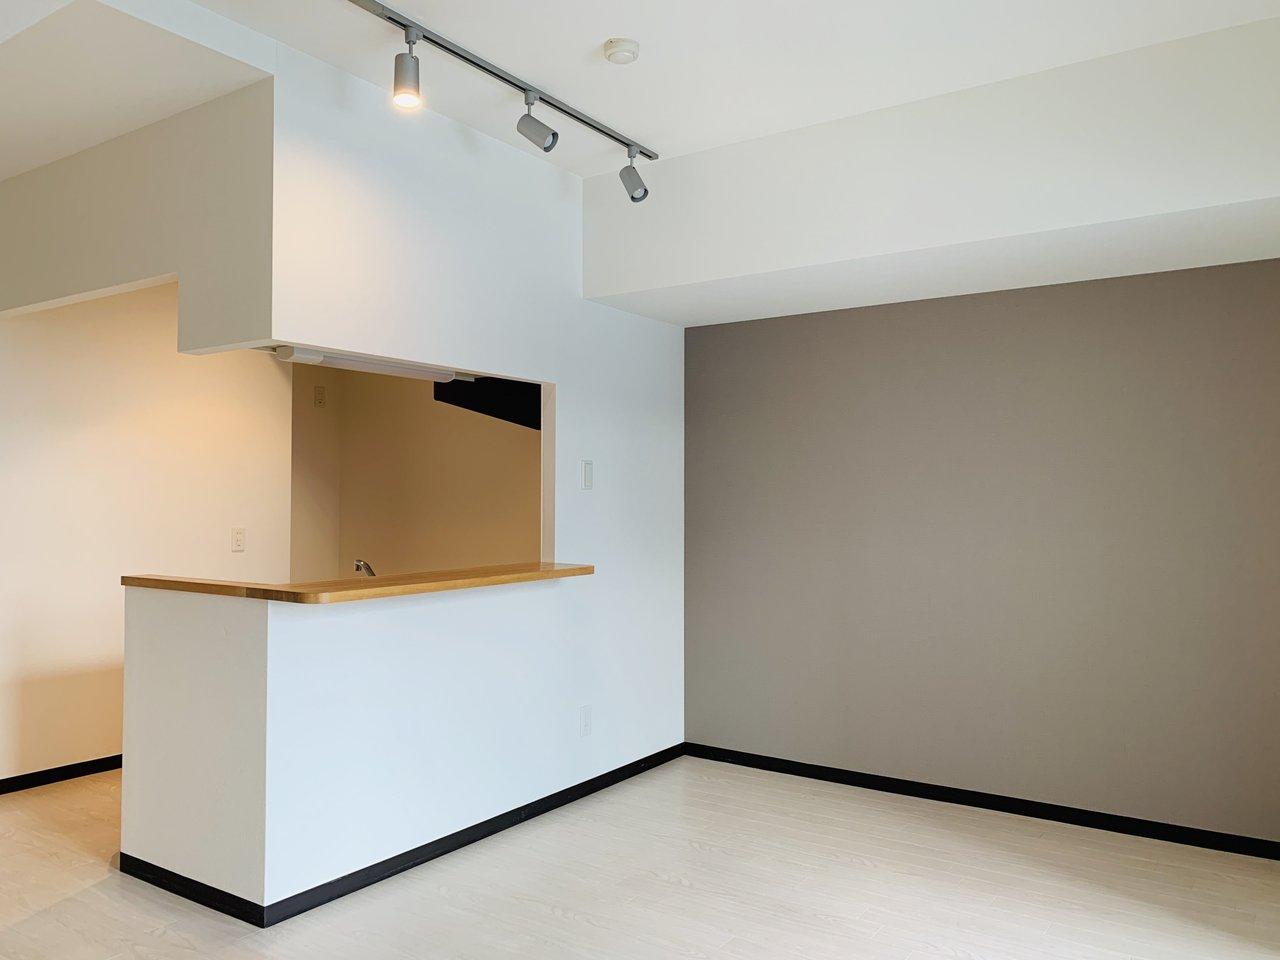 最後にご紹介するのは、2LDKの広めのお部屋。リビングには落ち着いた色のアクセントクロスと、カウンターキッチンが。全体的にナチュラルな色合いで作られているので、好みの方は多いはず。